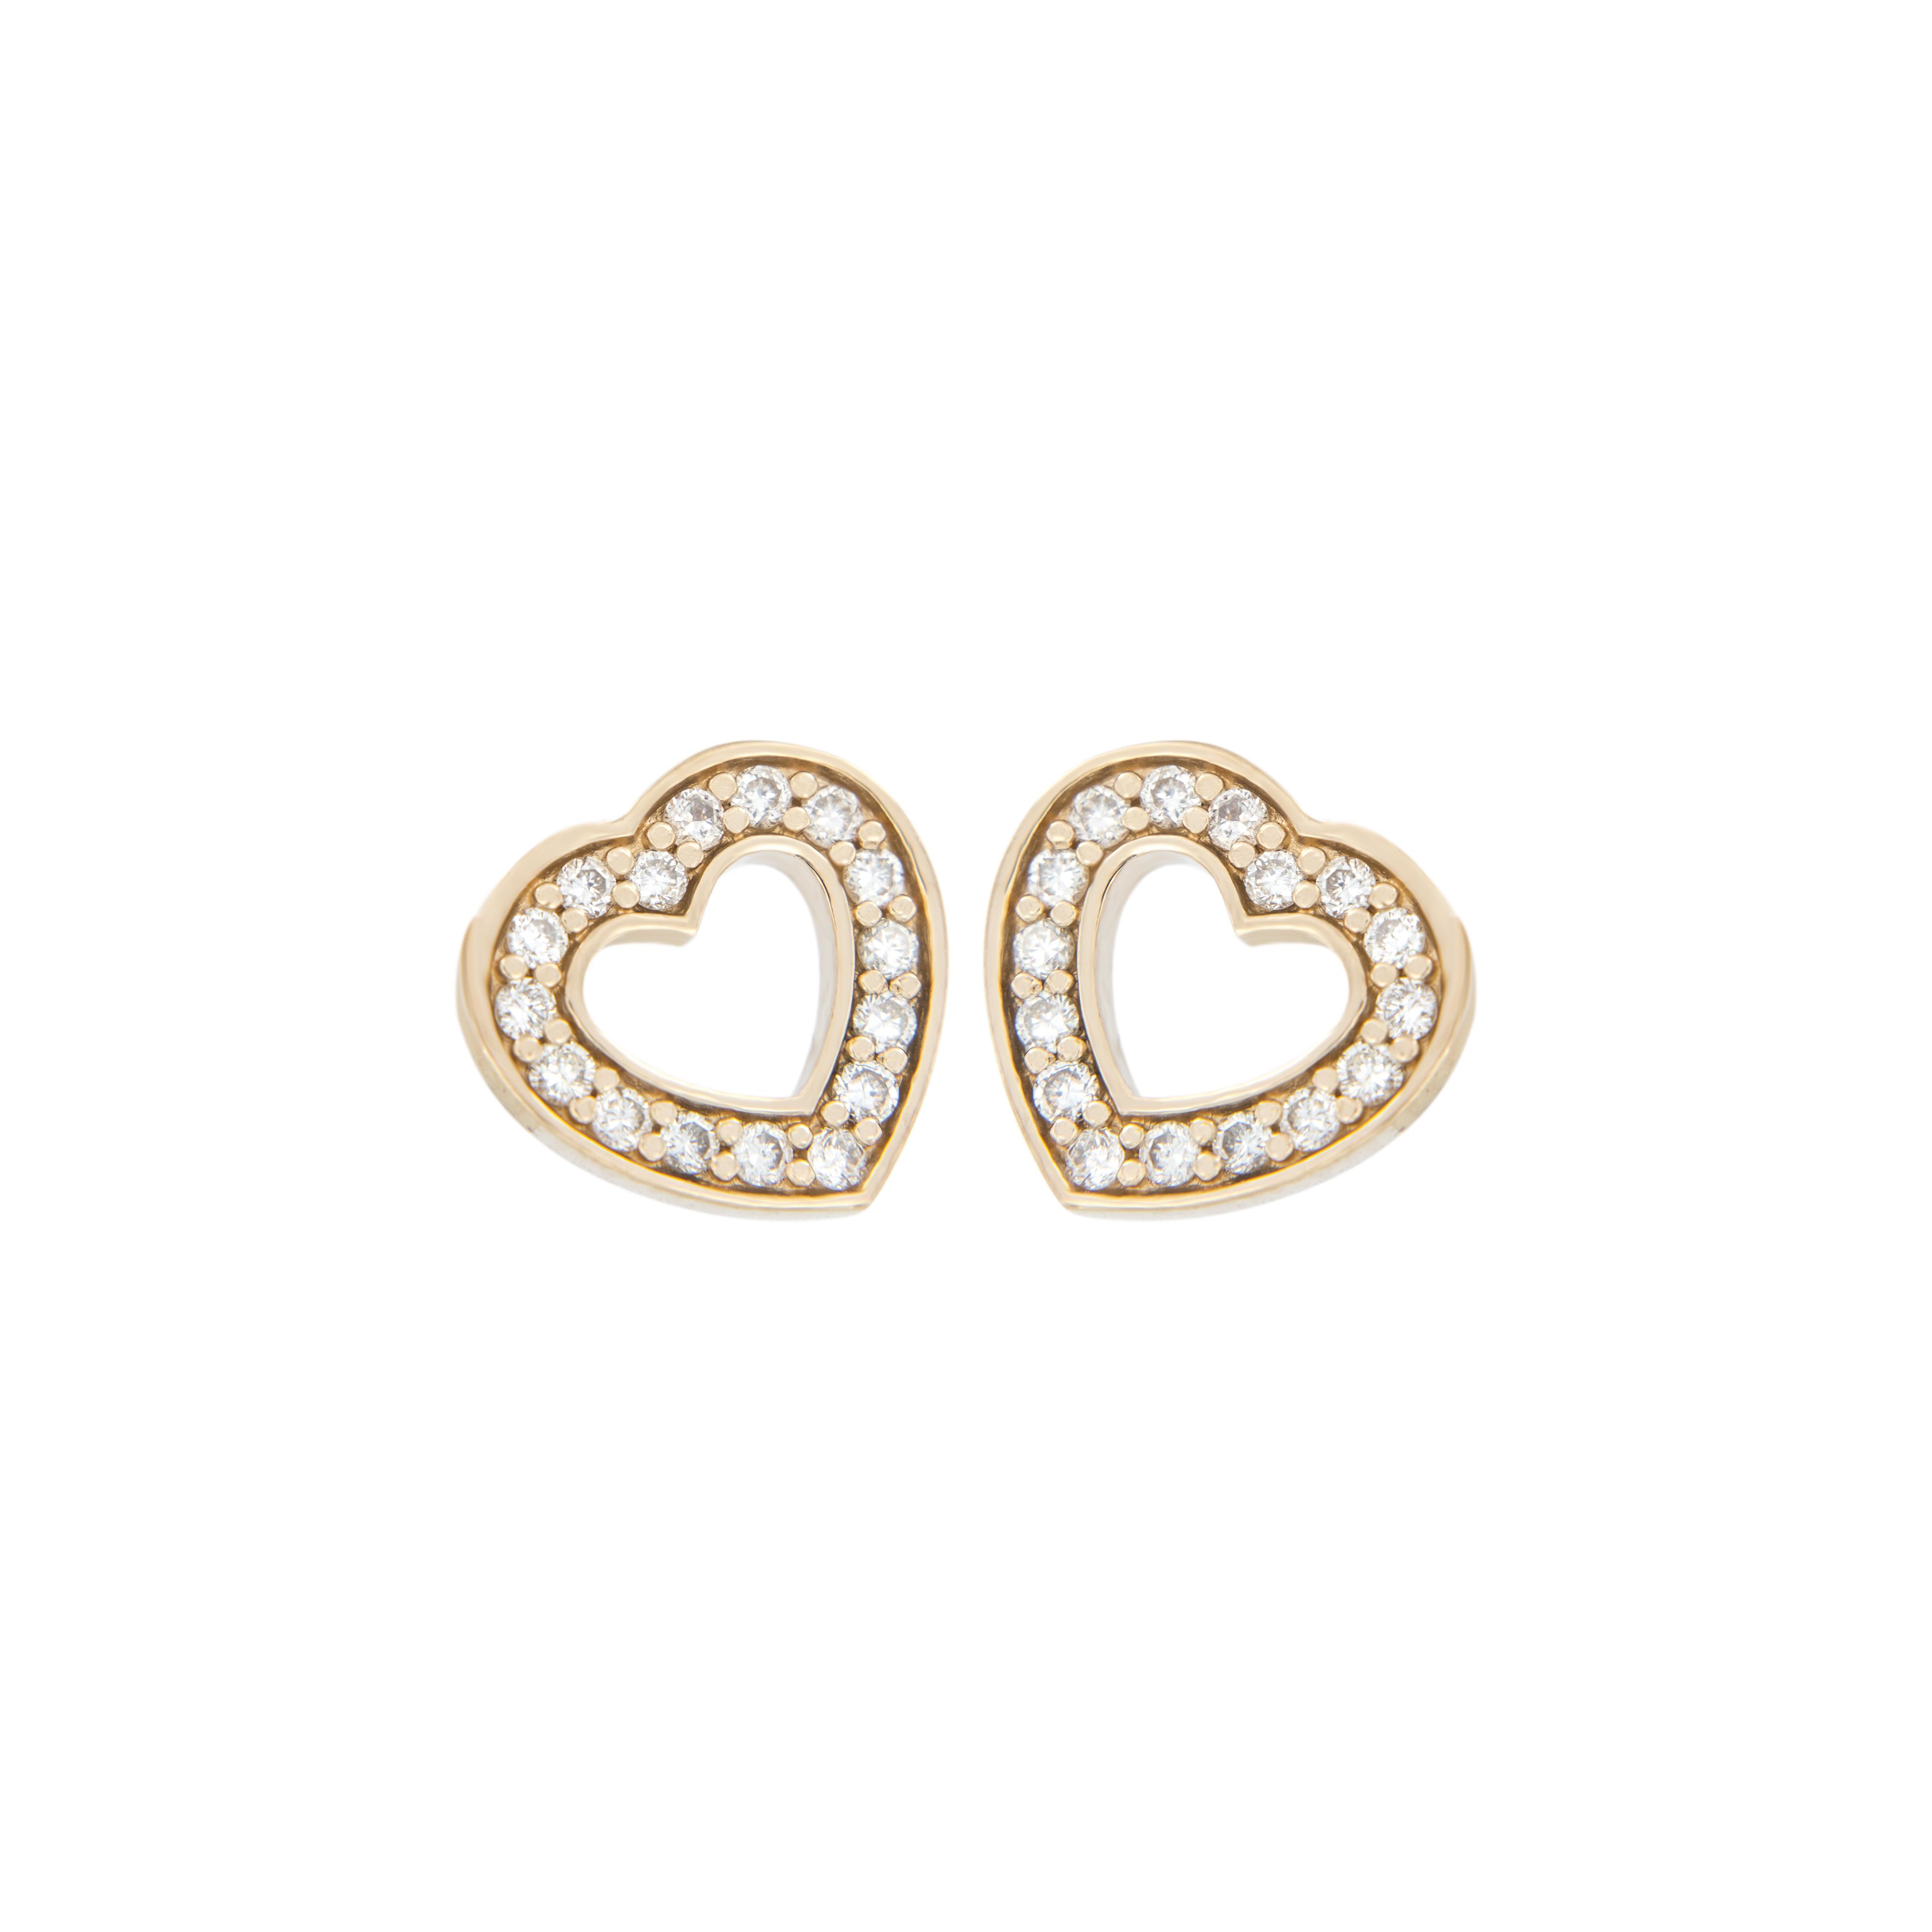 Naušnice LOVE ve tvaru srdce jsou vyrobeny ze žlutého 14 karátového zlata - zvìtšit obrázek